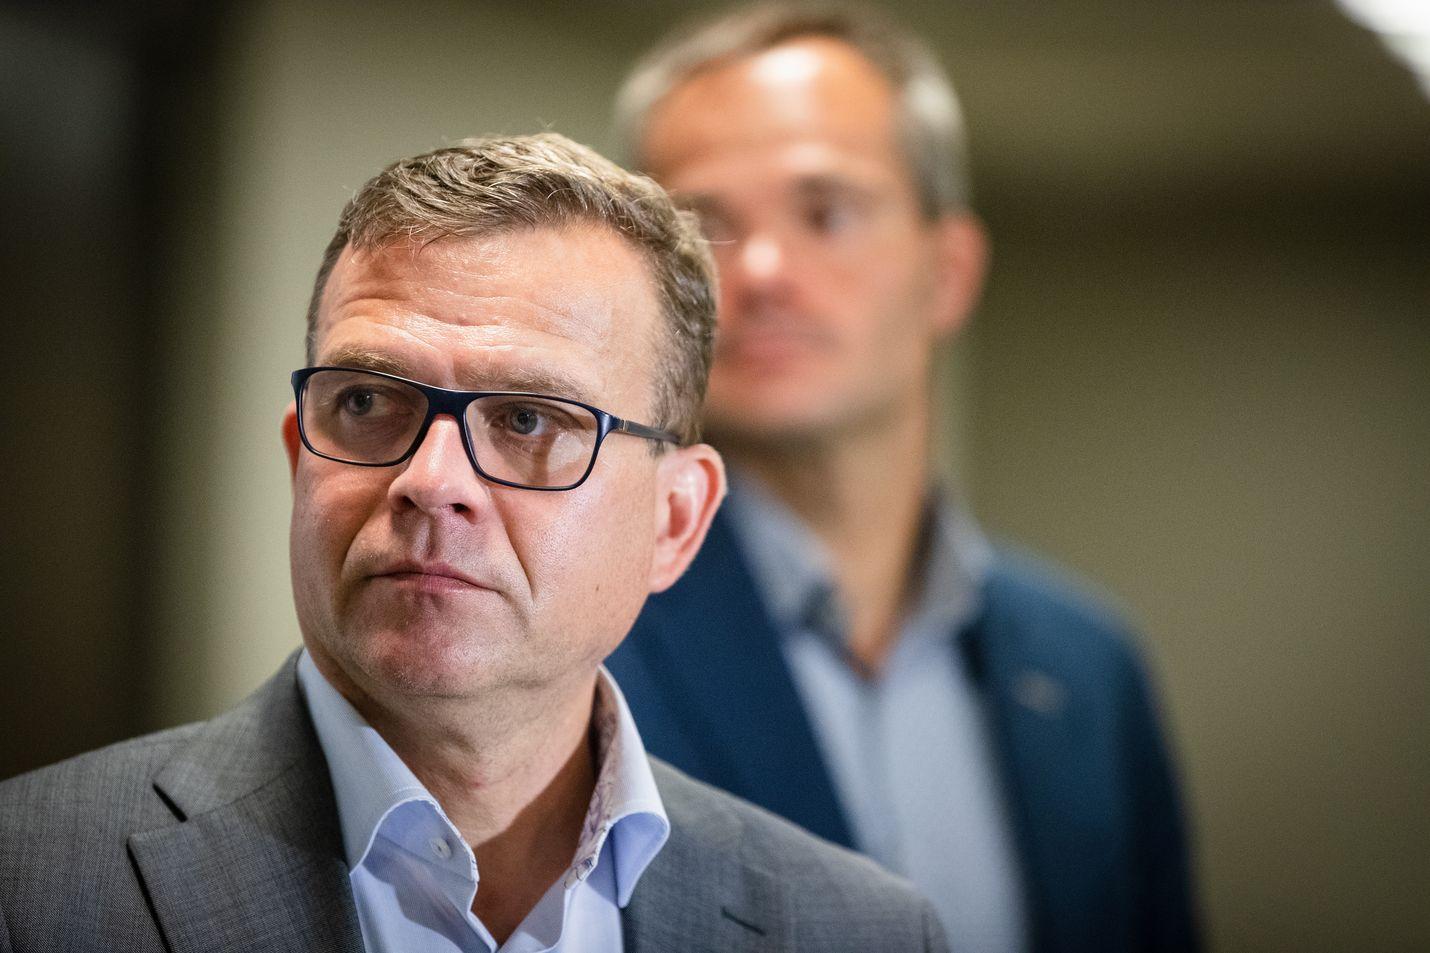 Kokoomuksen puheenjohtaja Petteri Orpo (edessä) varoittaa populismin vaaroista Yhdsvaltojen lisäksi Euroopassa ja Suomessa. Taustalla puolueen eduskuntaryhmän puheenjohtaja Kai Mykkänen.